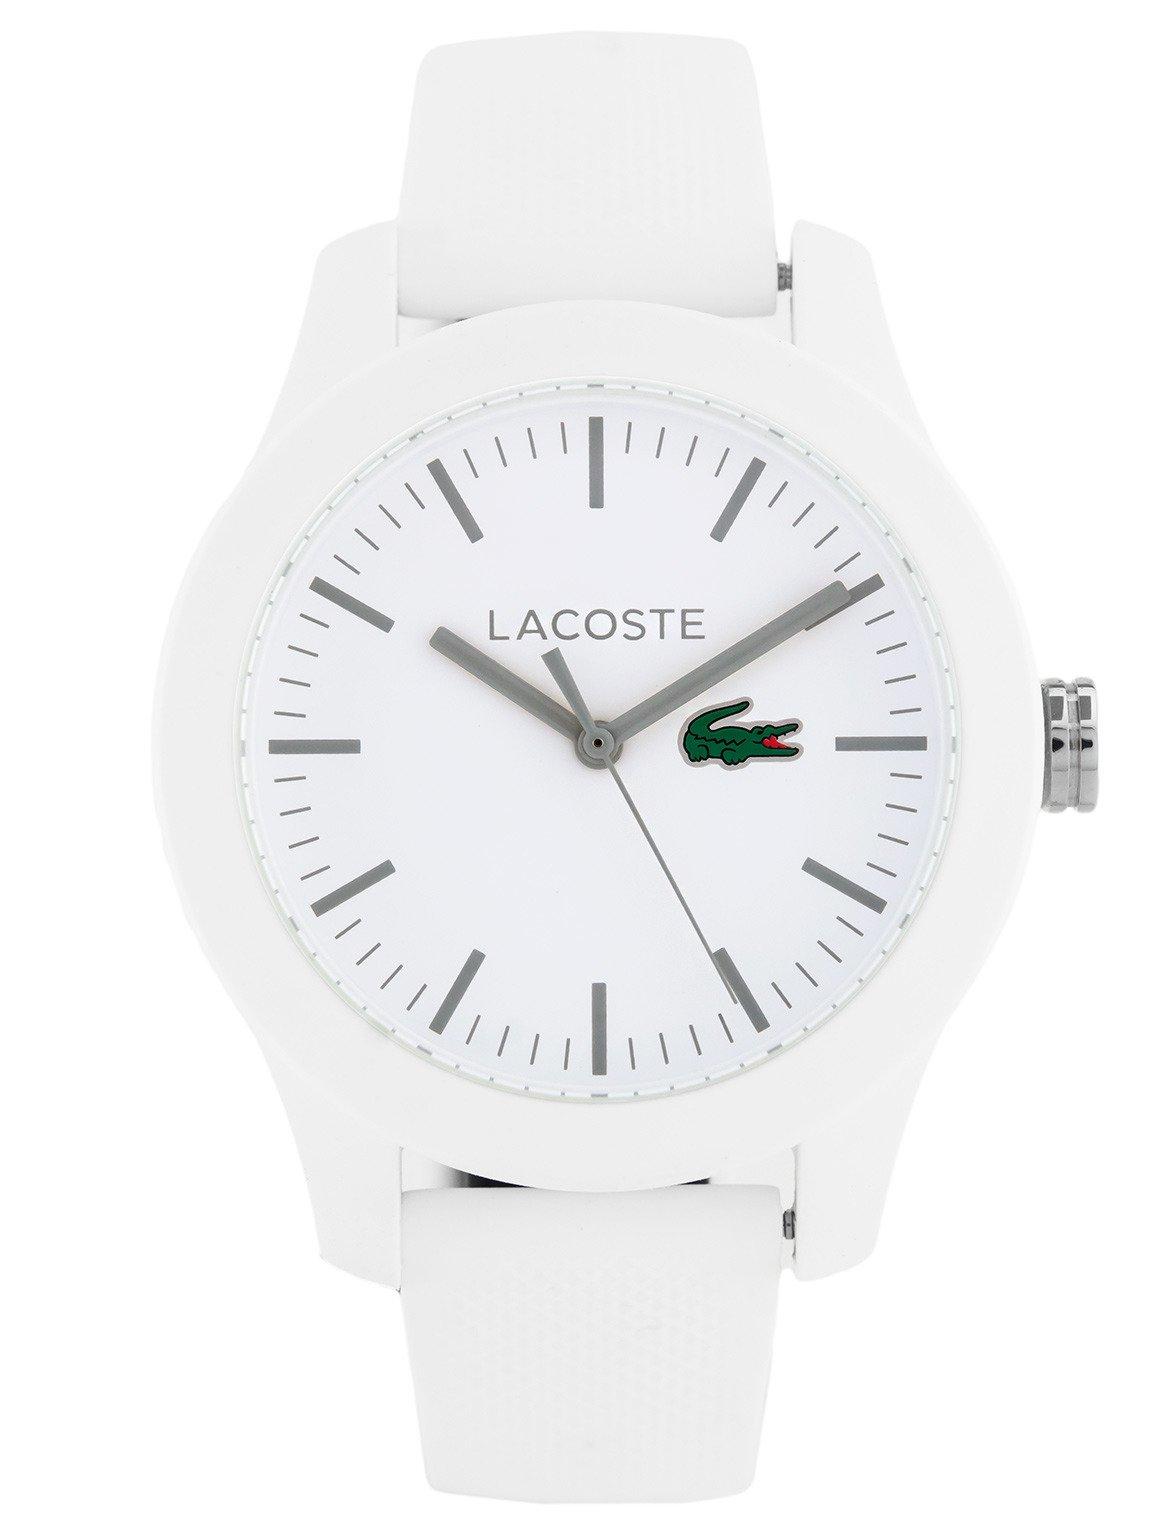 Stany Zjednoczone 100% autentyczności sprzedaż hurtowa Zegarek damski LACOSTE 2000954